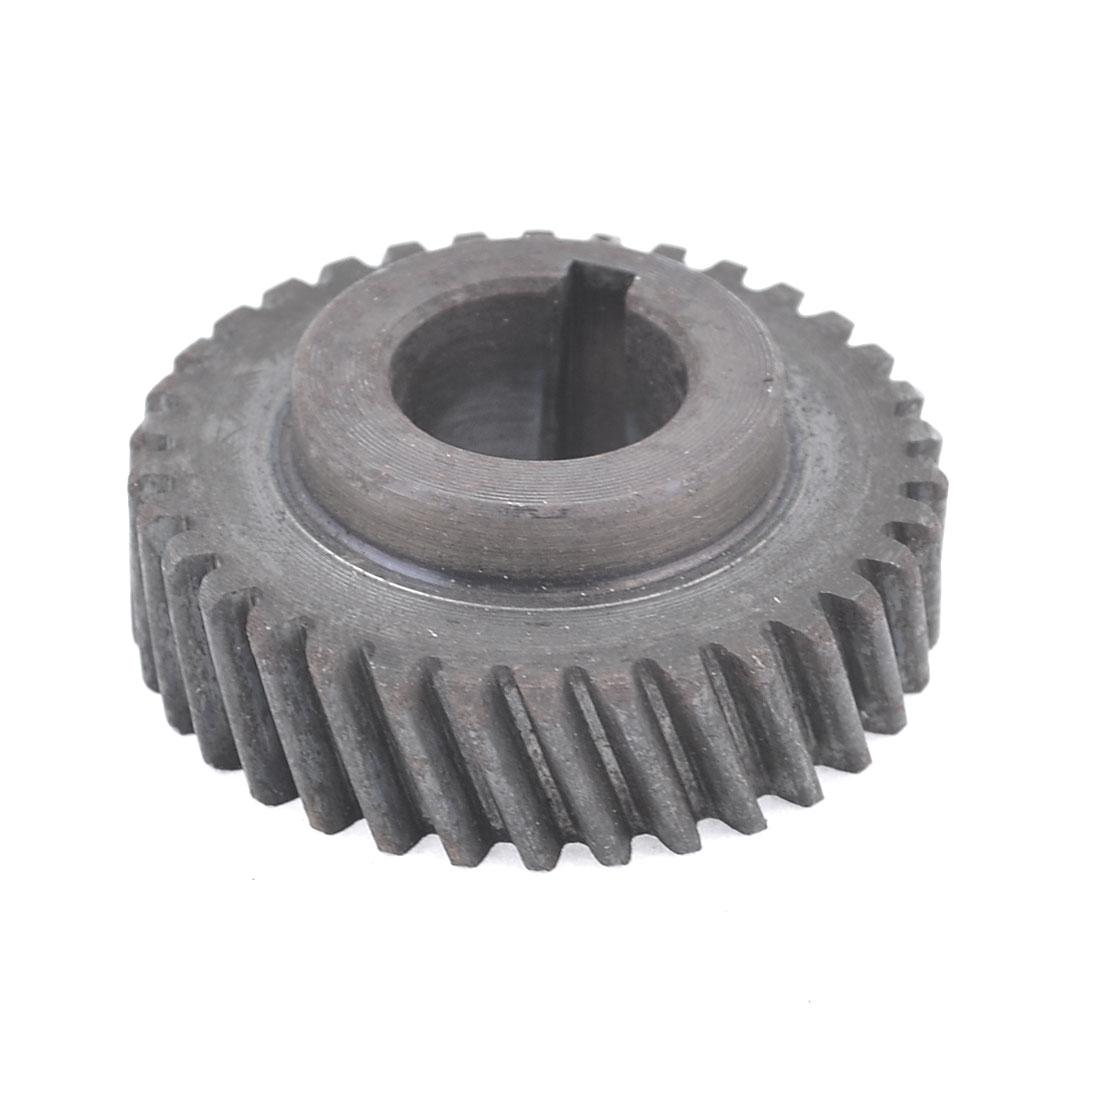 Repairing Part 43 Teeth Spiral Bevel Gear for Makita 5900 Electric Circular Saw